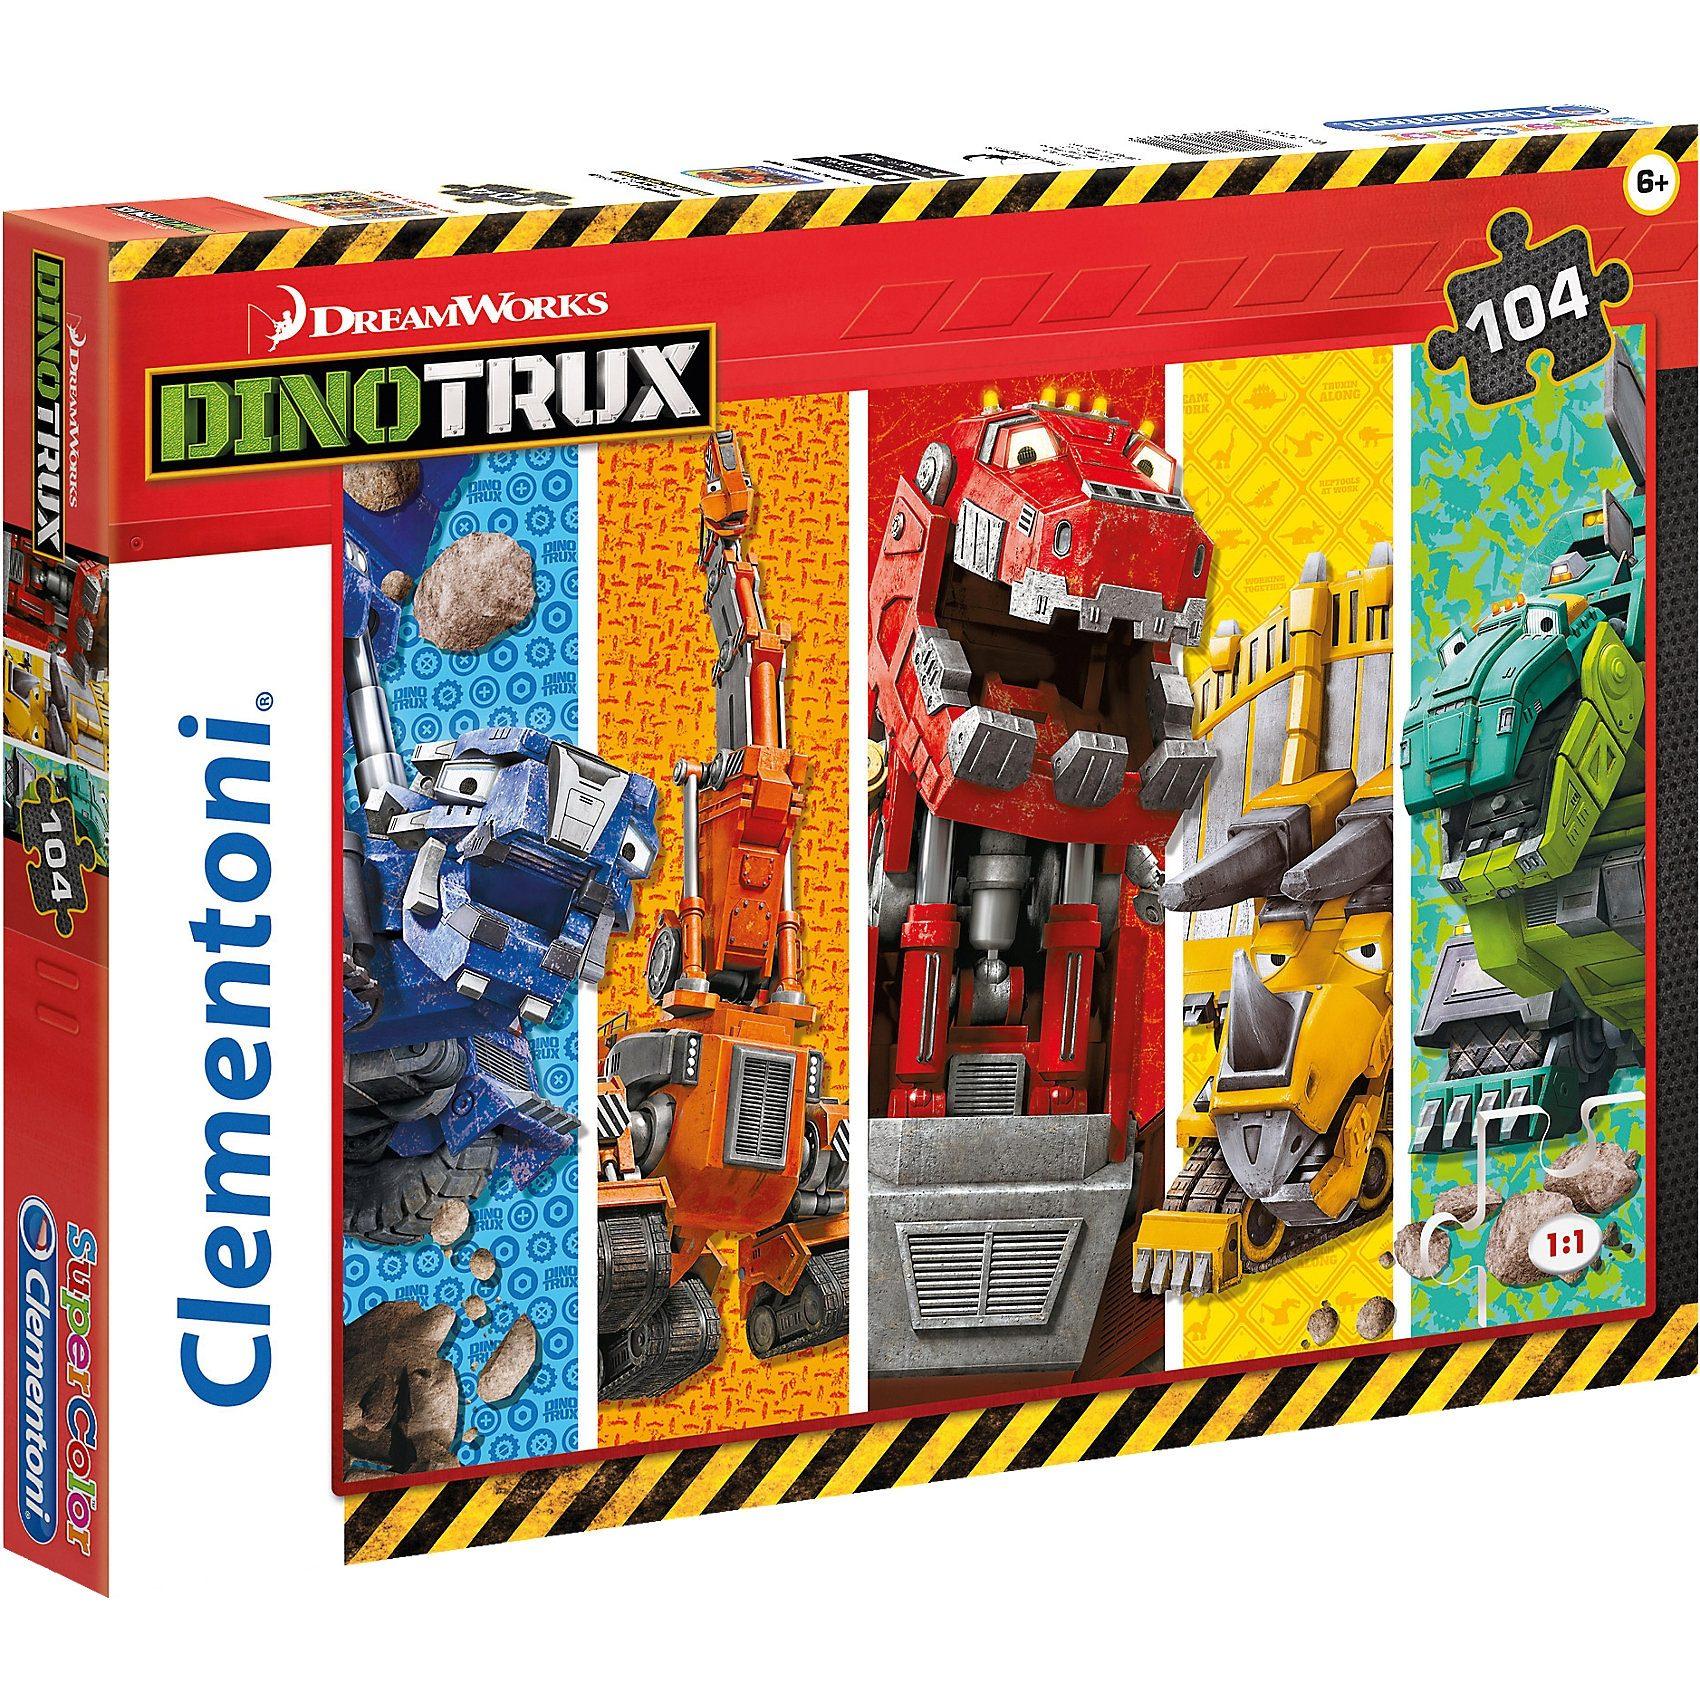 Clementoni Puzzle 104 Teile - Dinotrux